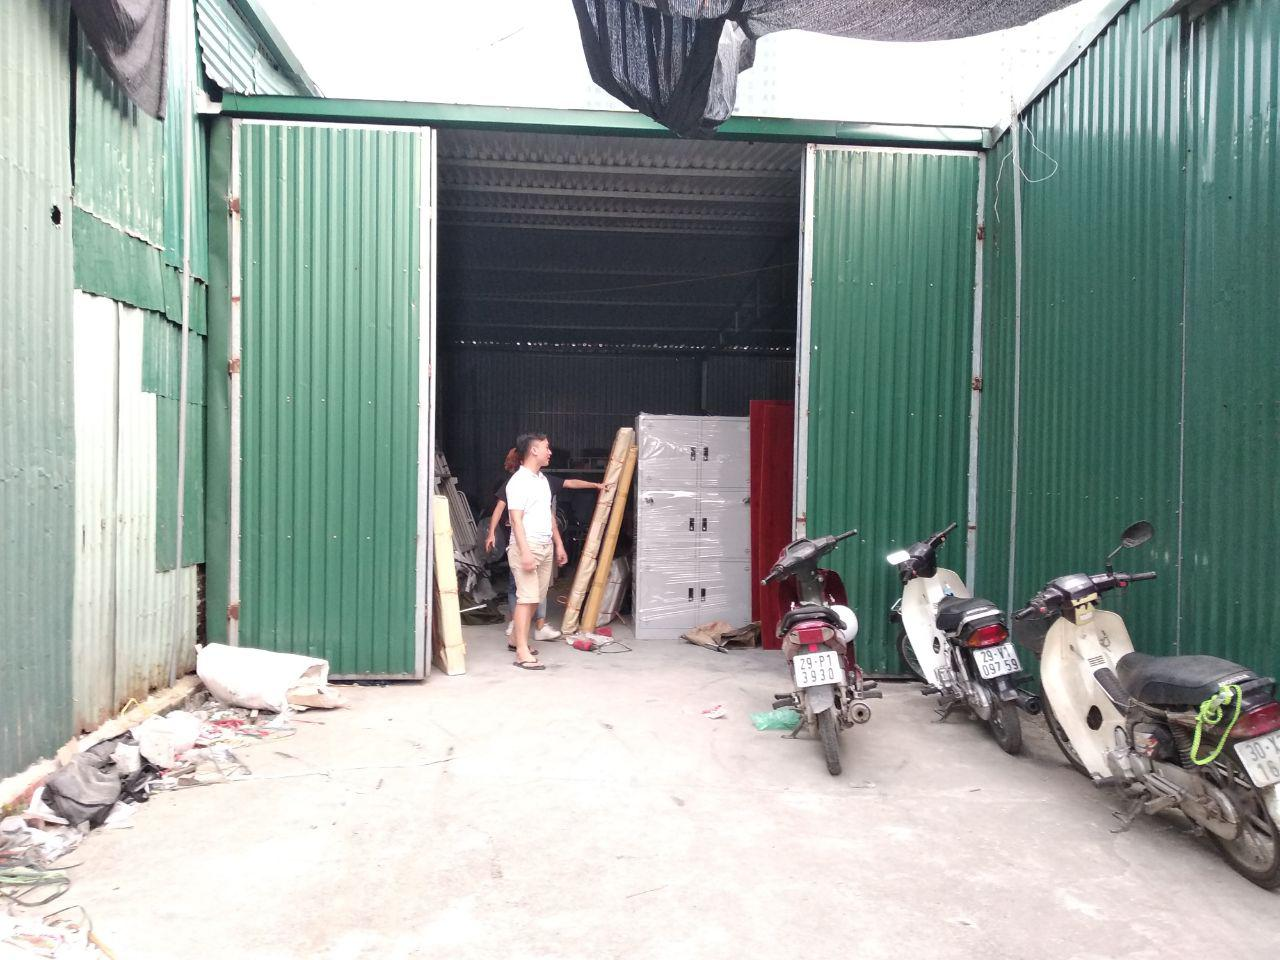 Khu vực kho hàng tại số 8 Dương Đình Nghệ